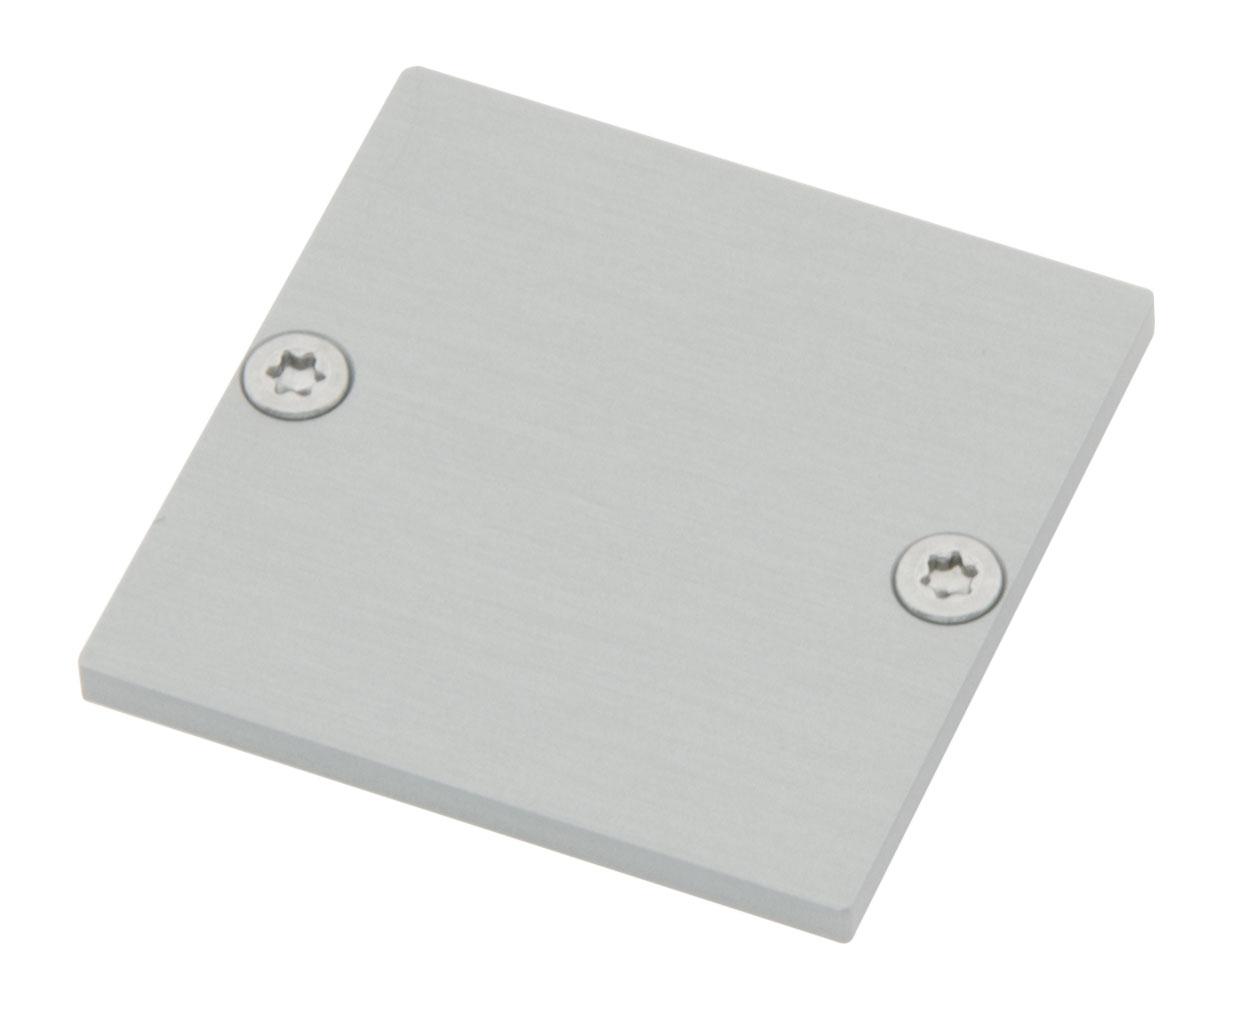 1 Stk Profil Endkappe CLR Flach geschlossen inkl. Schrauben LIEK006200